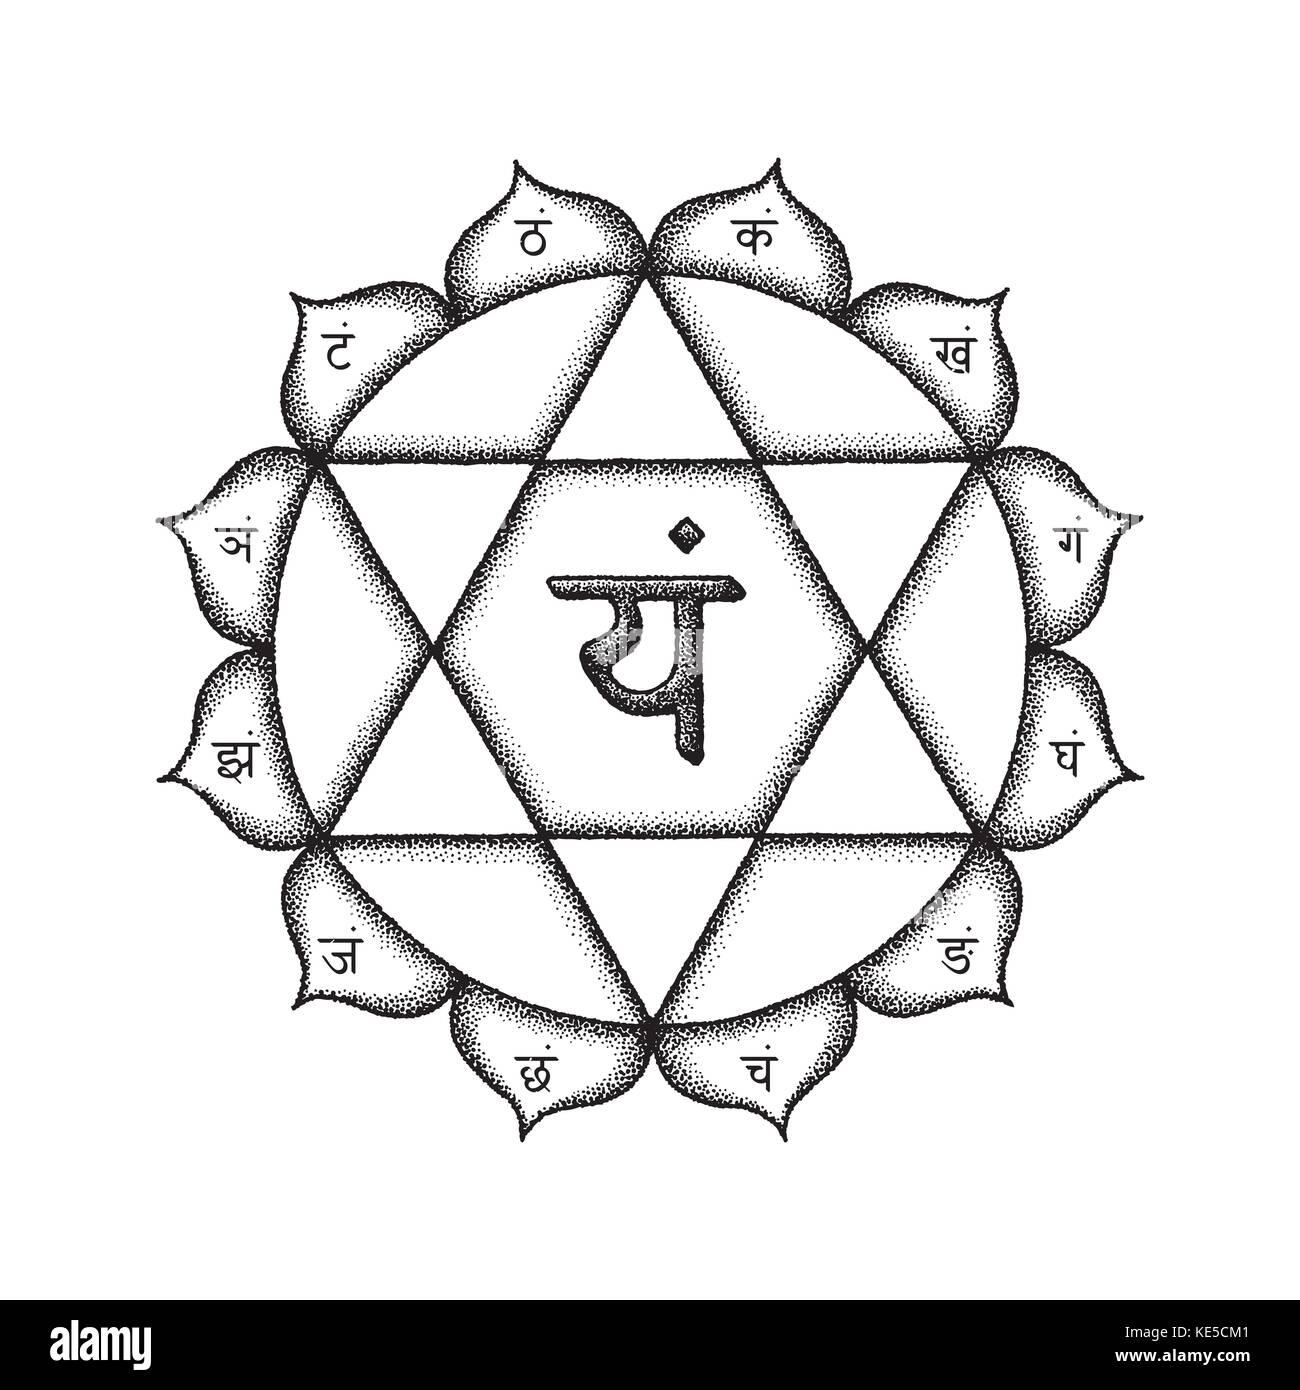 Vector cuarto chakra anahata corazón sánscrito mantra yam hinduismo ...